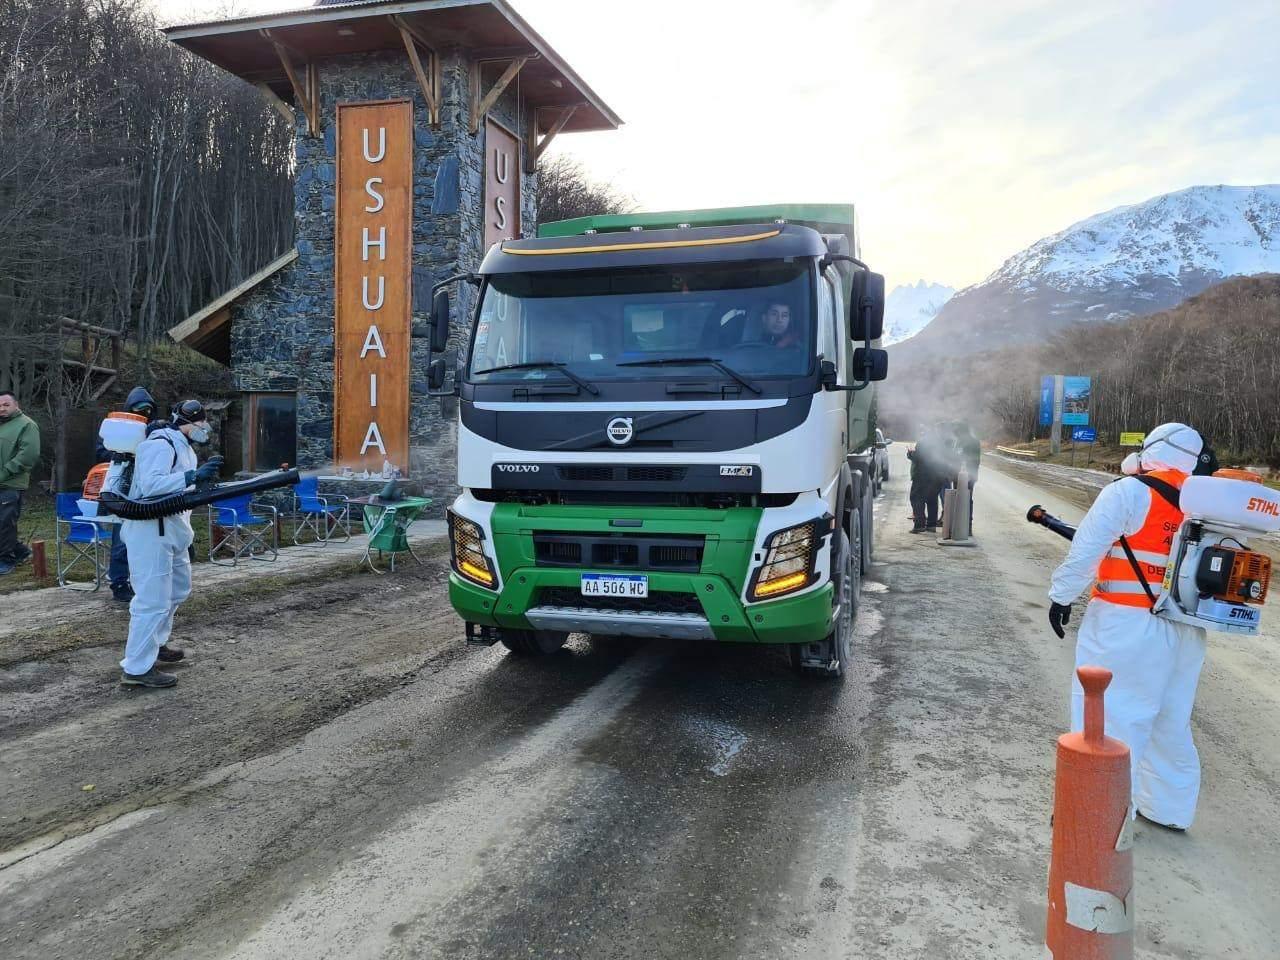 Llevan adelante un trabajo de desinfección a los vehículos que ingresan a Ushuaia